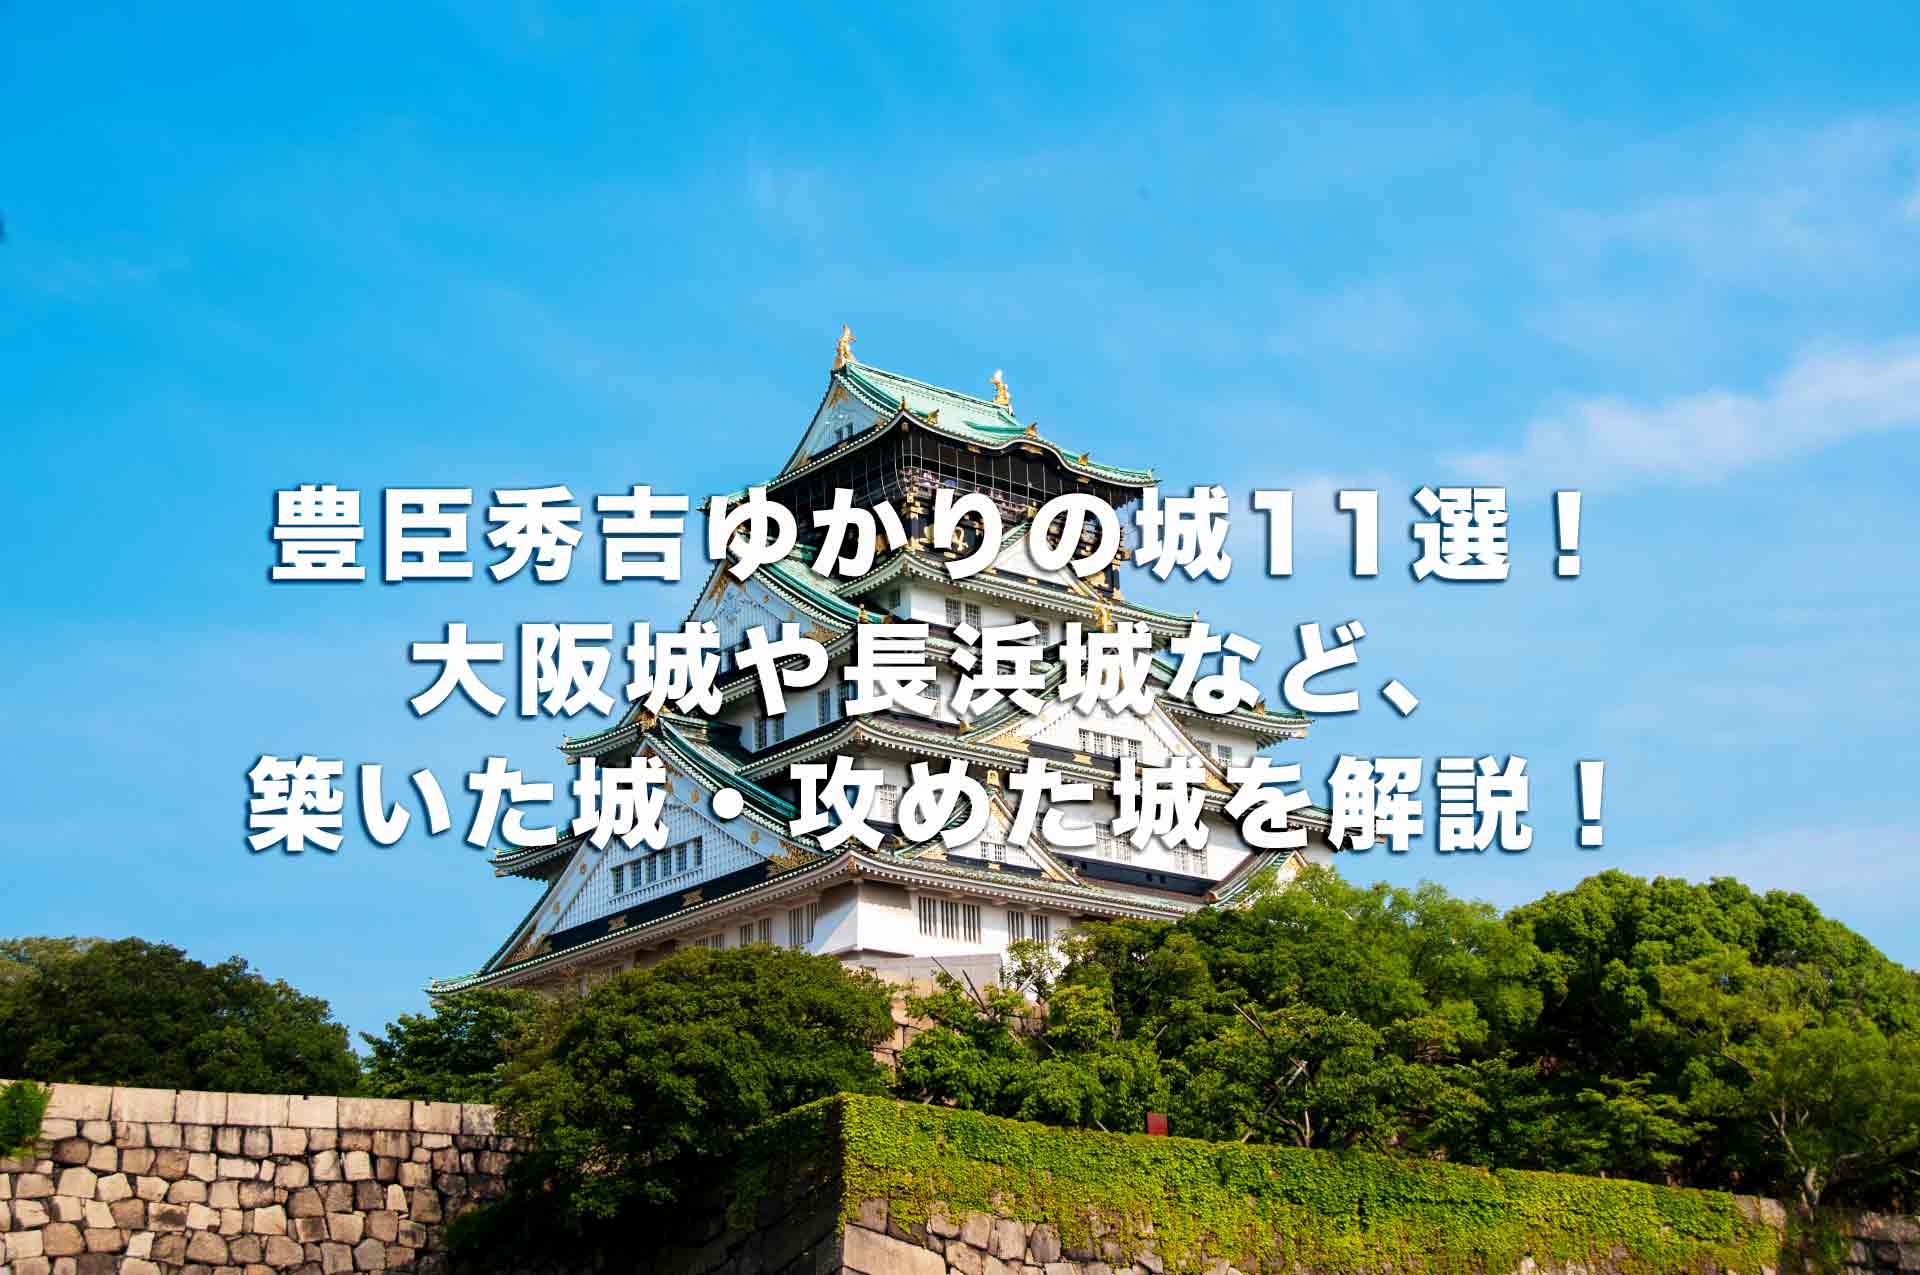 豊臣秀吉ゆかりの城11選!大阪城や長浜城など、築いた城・攻めた城を解説!